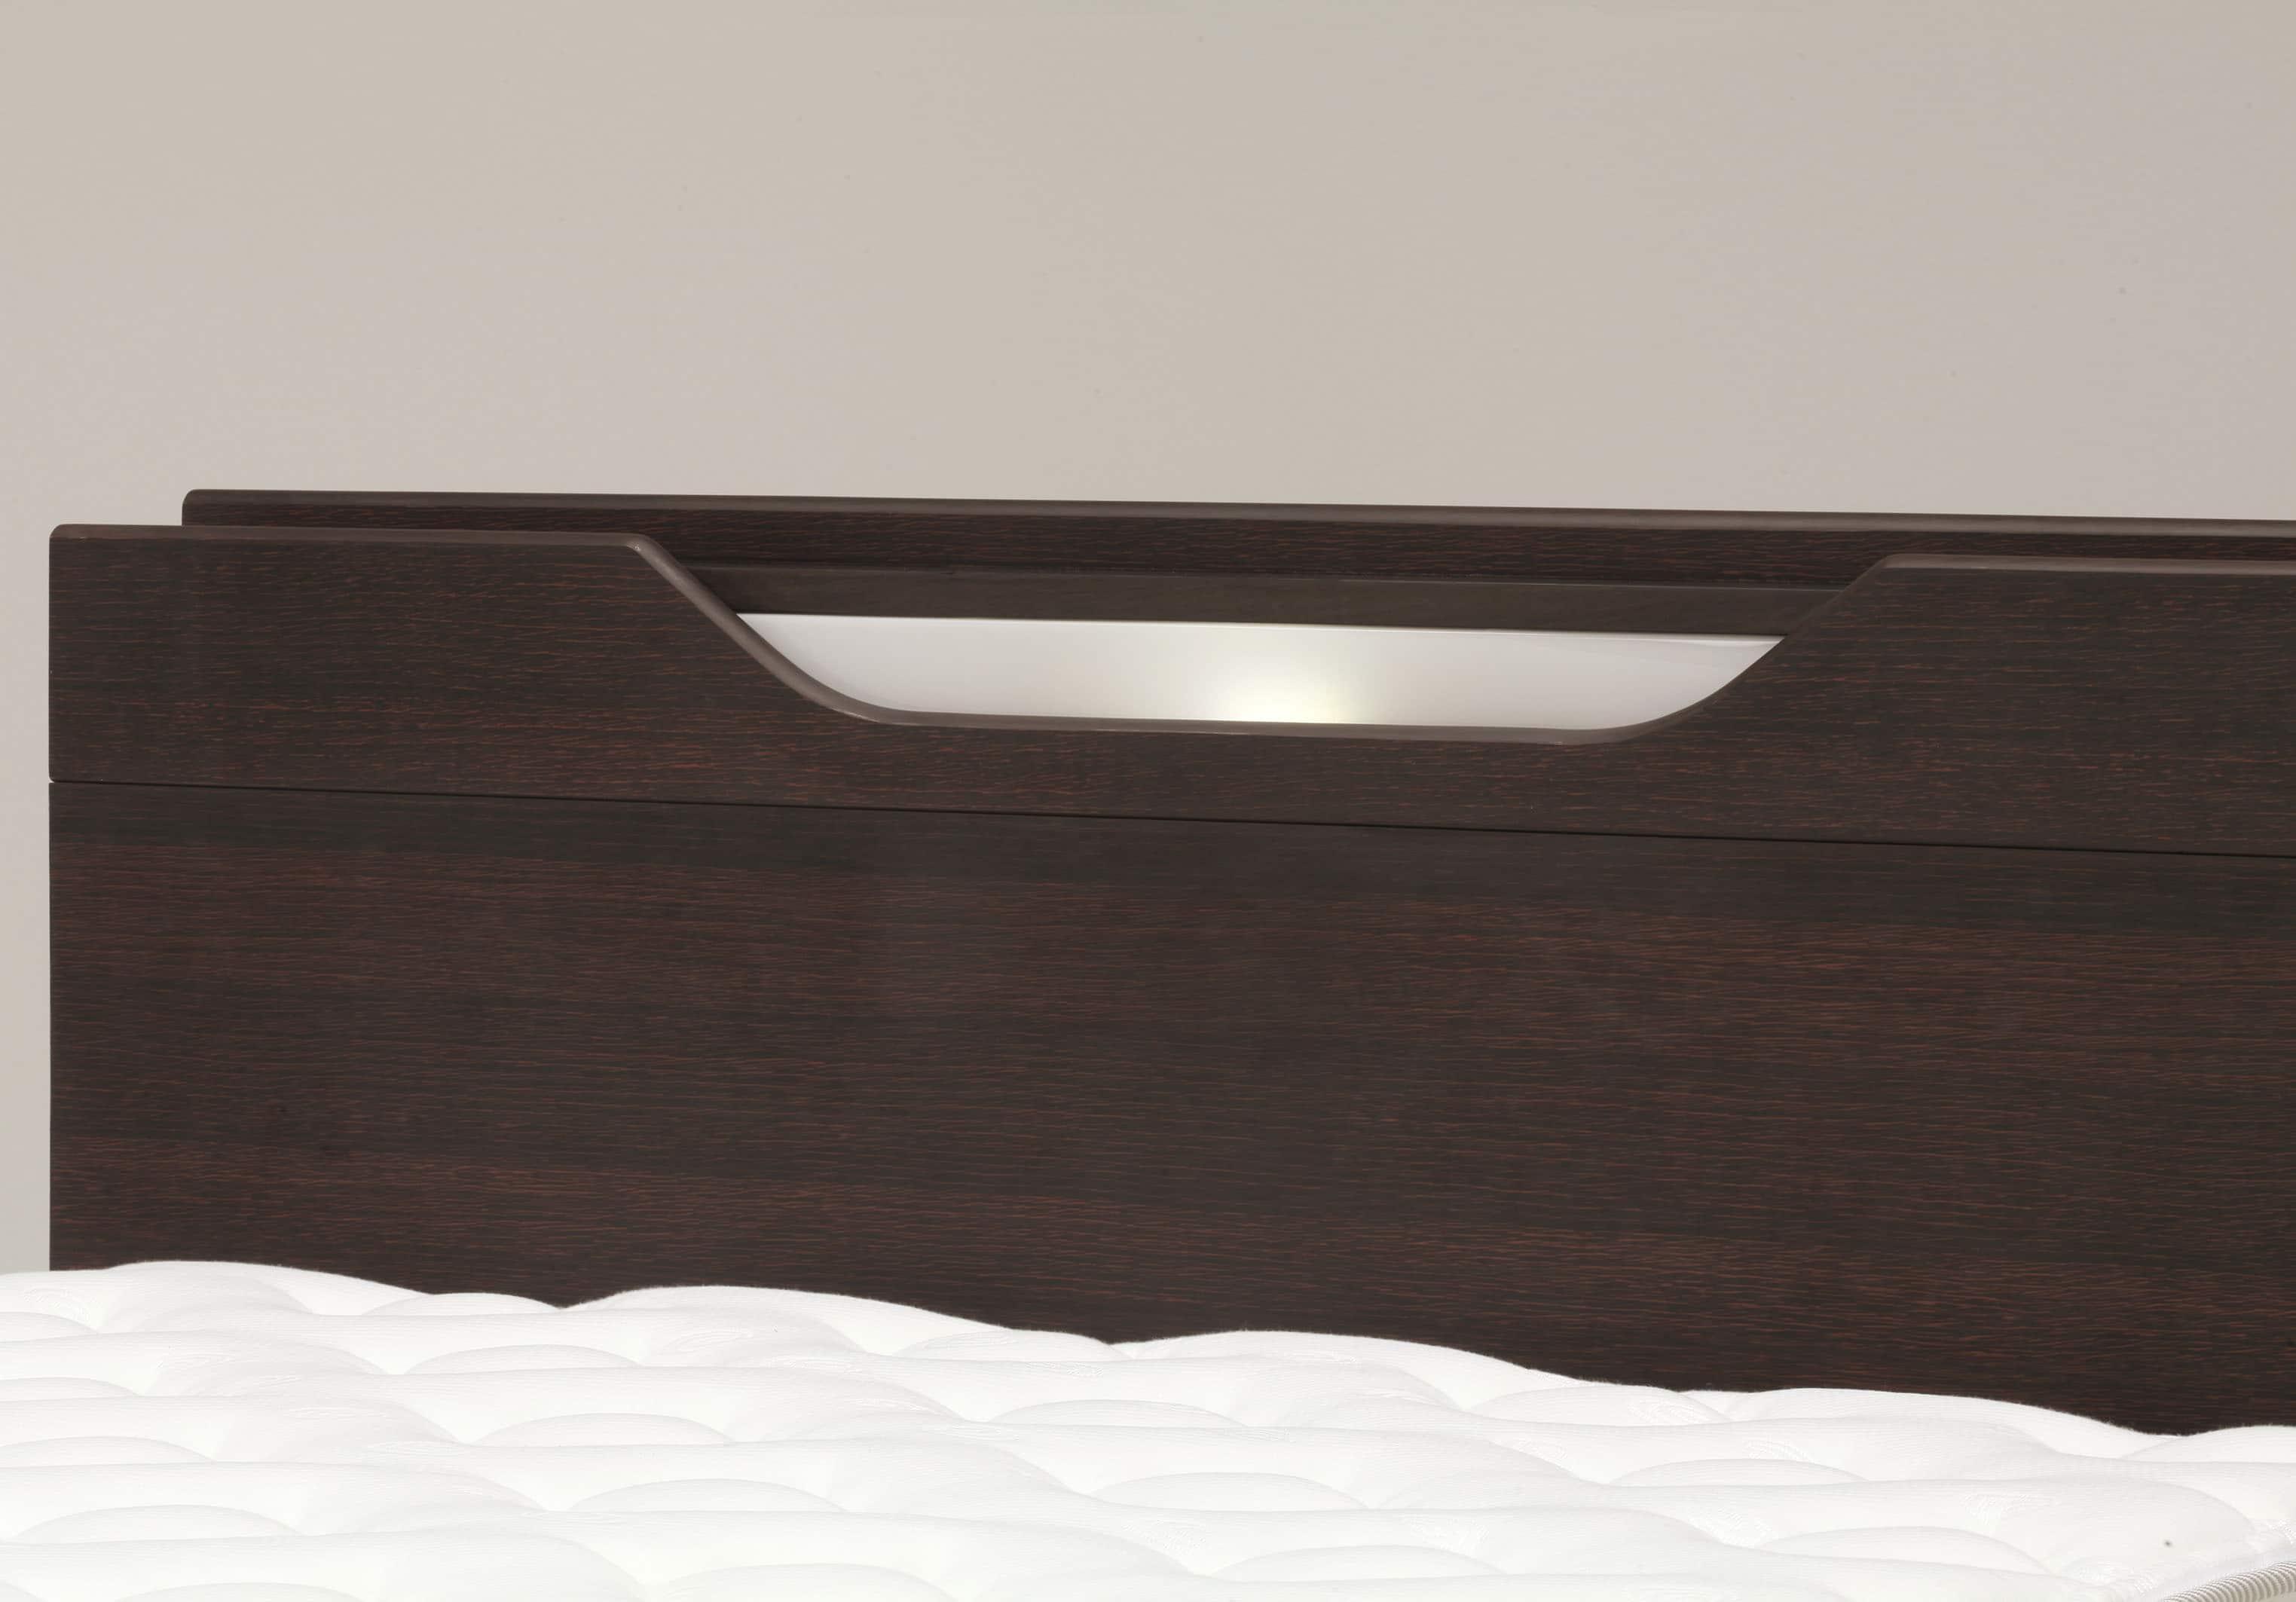 シングルベッド KK012 210 引出し/OU15S DBR